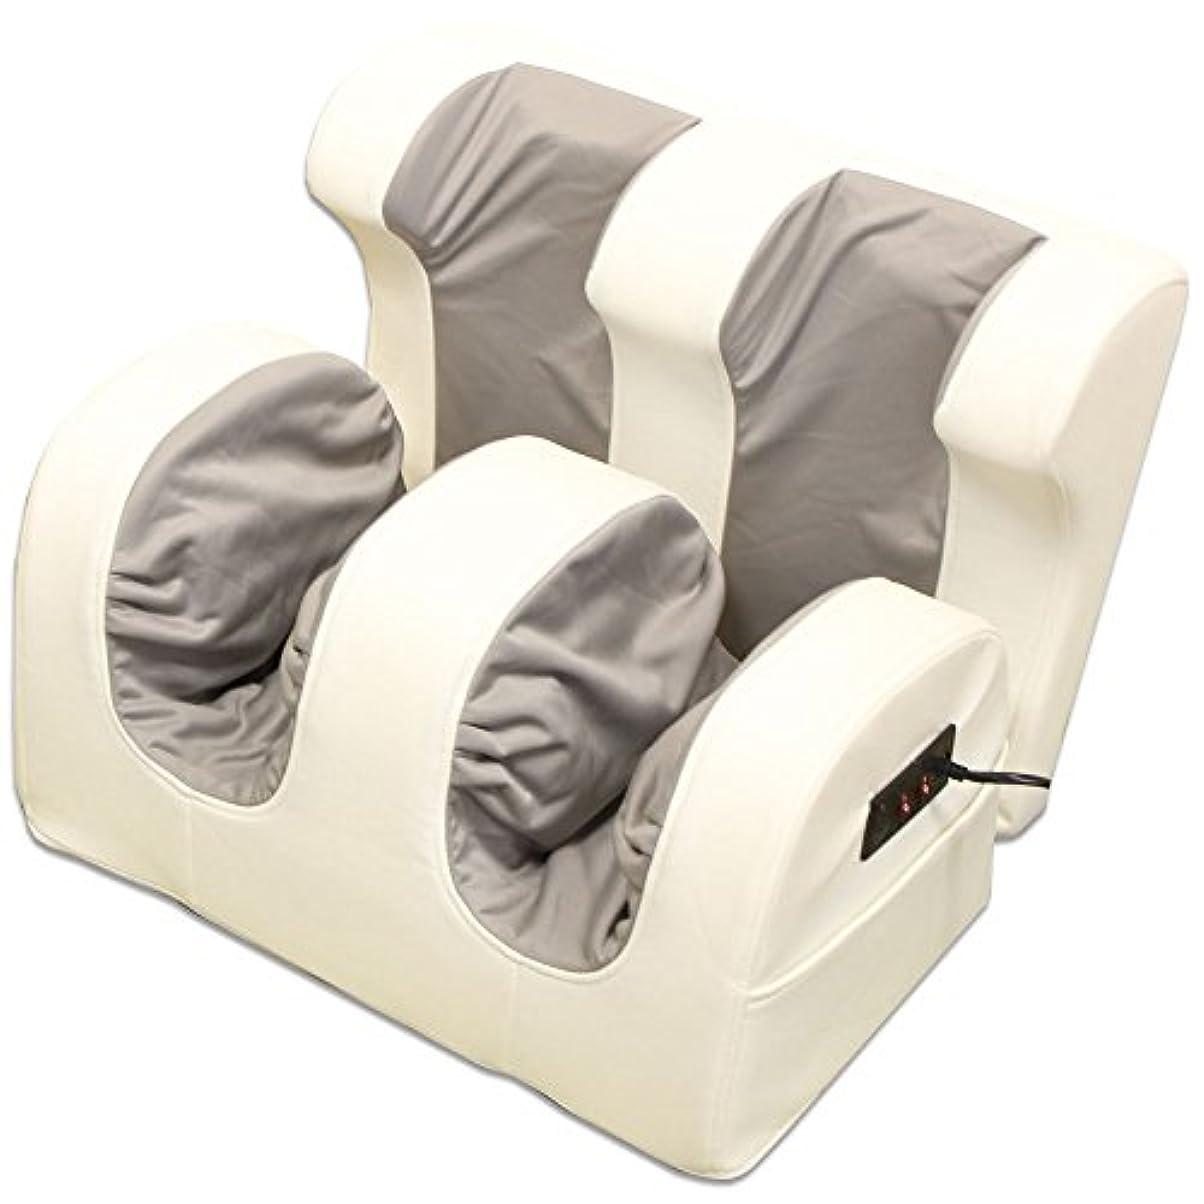 ソート比べる債務足マッサージ器 ホワイト×グレー ヒーター付き 白 足裏 ふくらはぎ 引き締め 揉み上げ 家庭用 マッサージ機